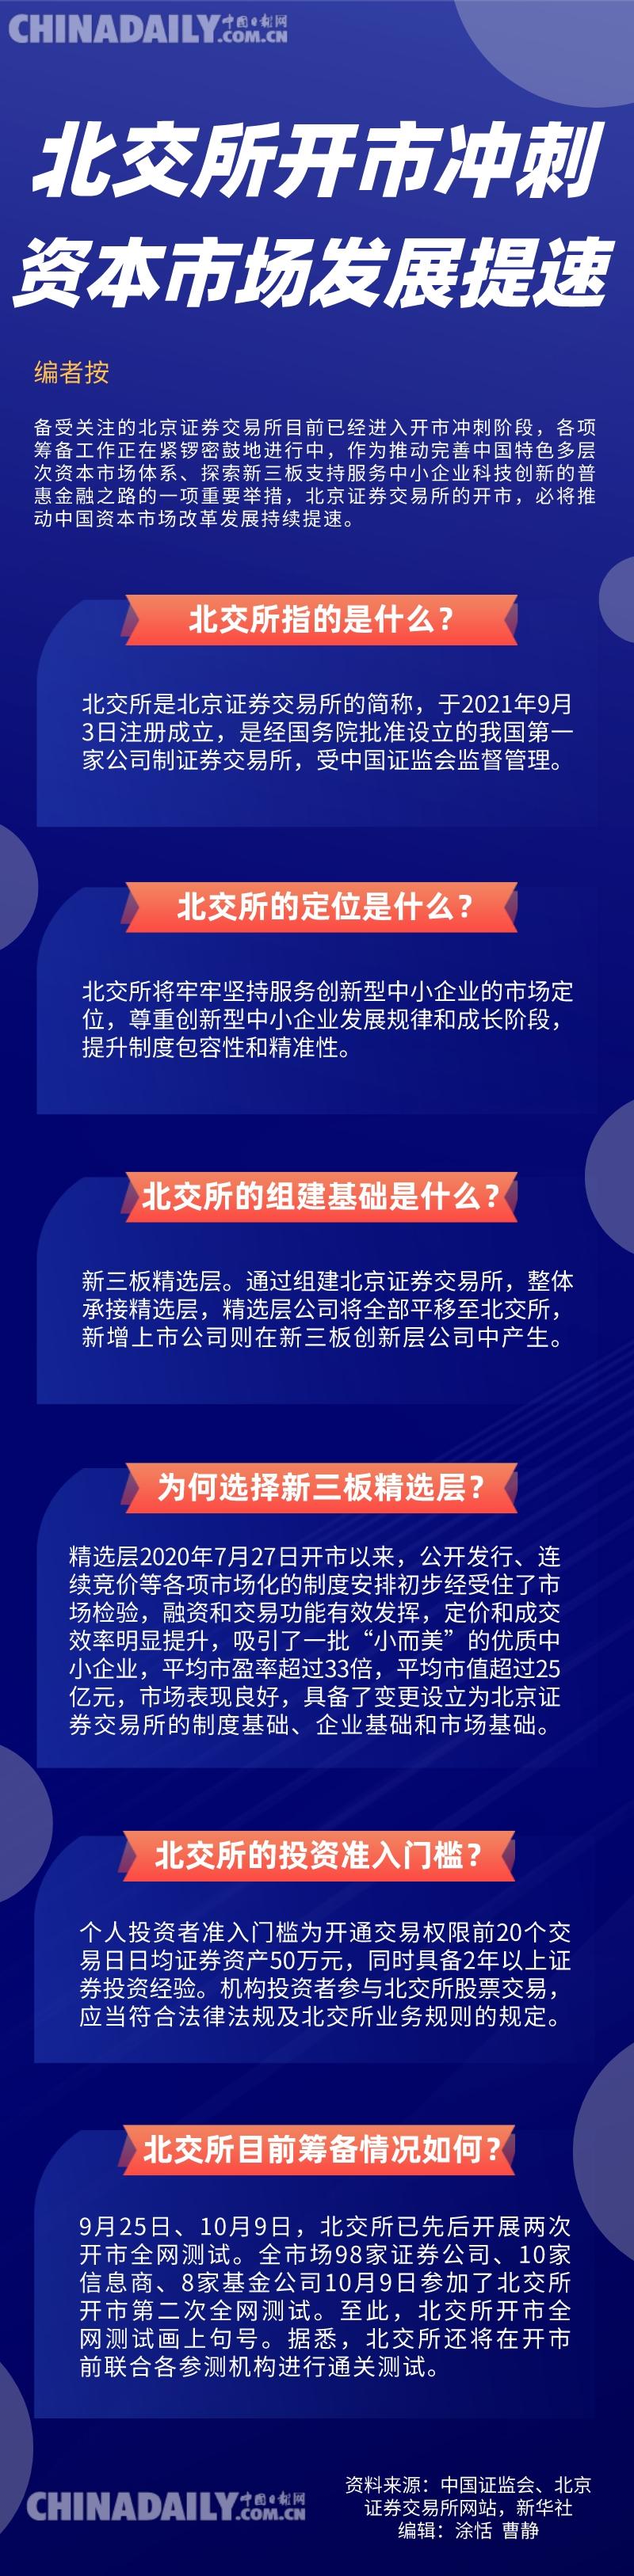 【图说中国经济】北交所开市冲刺:资本市场发展提速